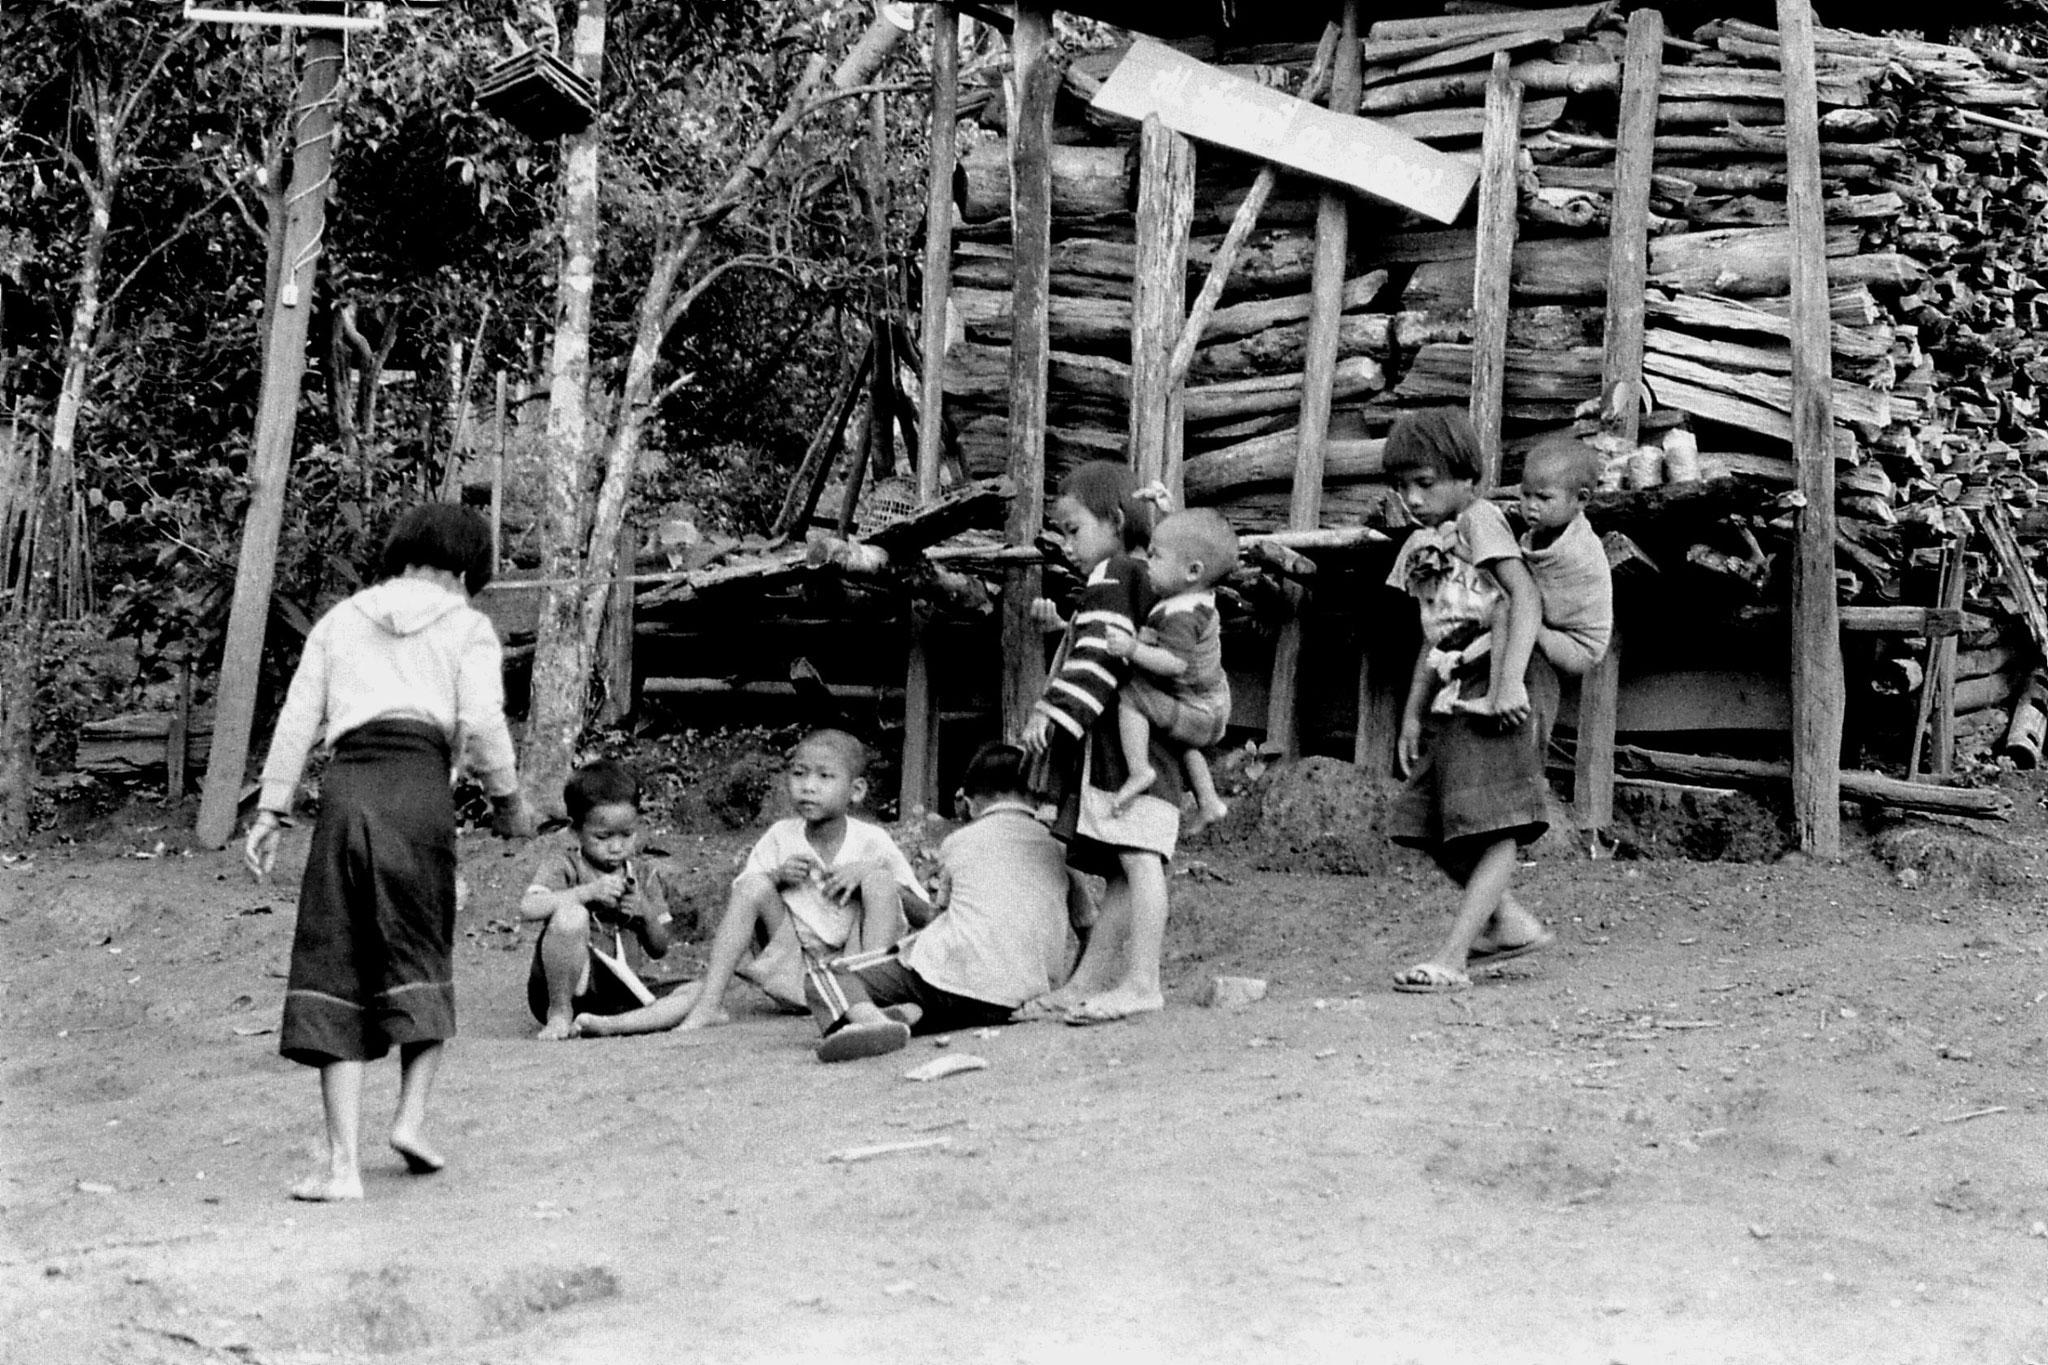 11/6/1990: 1: Trek, Lahu village